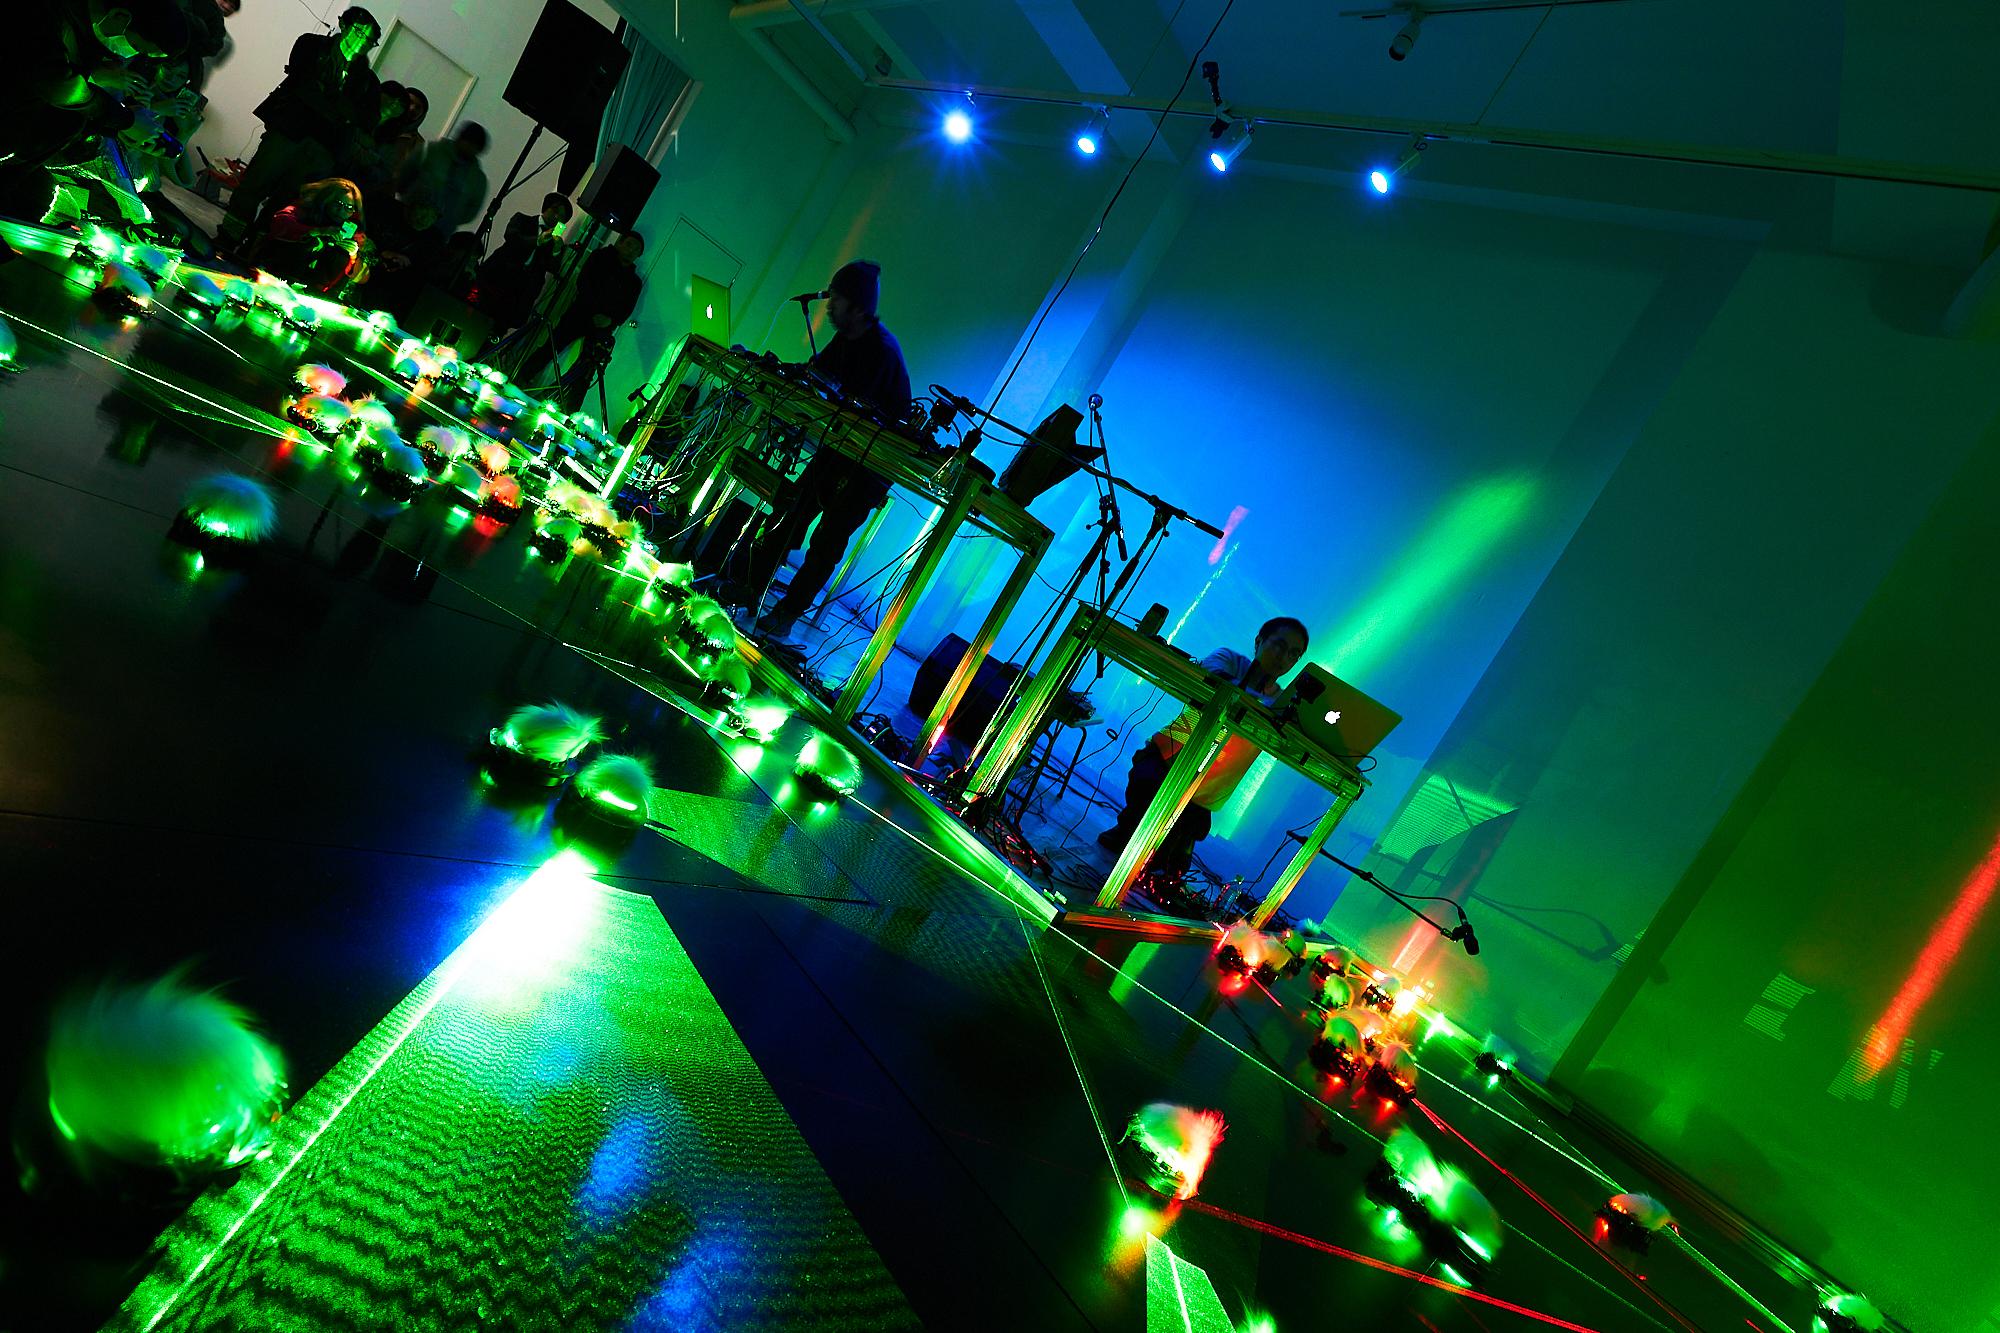 Lasermice ensembles